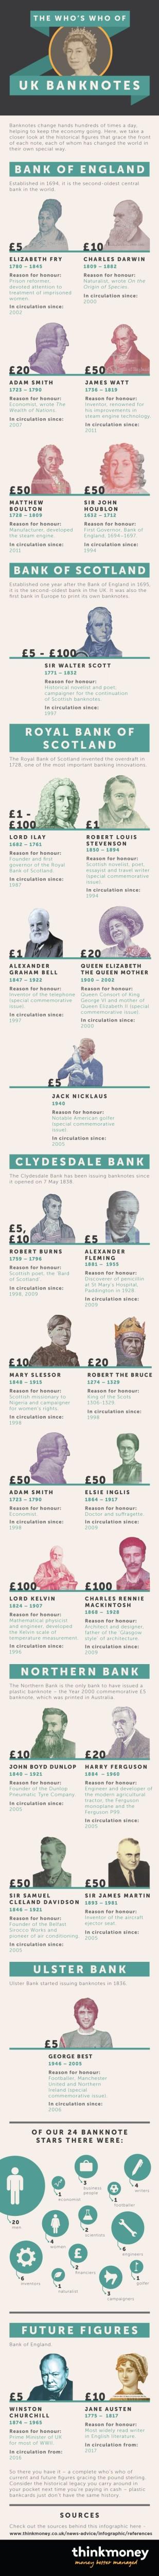 Kdo je kdo na britskych bankovkach - infografika